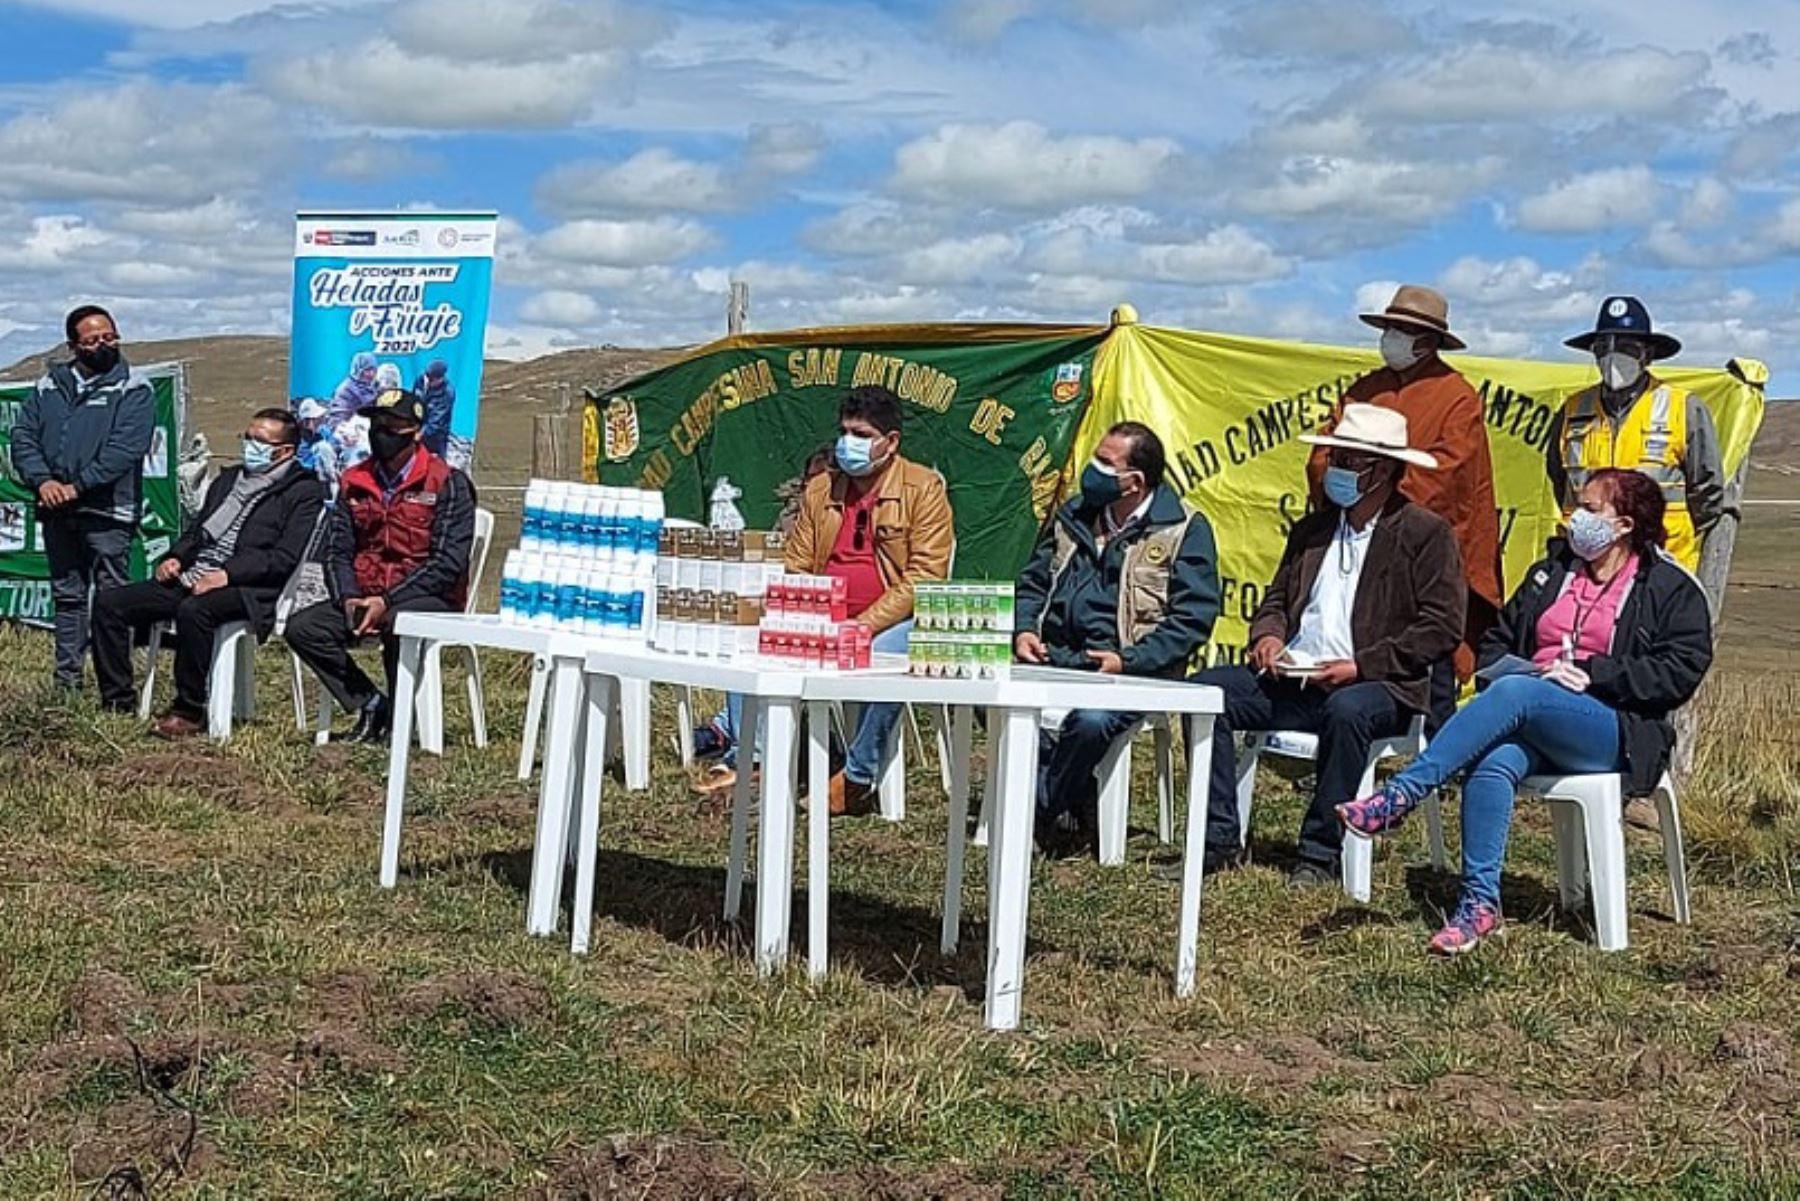 Se ha destinado alrededor de S/ 3.2 millones para la intervención en las provincias de Daniel Alcides Carrión y Pasco. Foto: ANDINA/Agro Rural